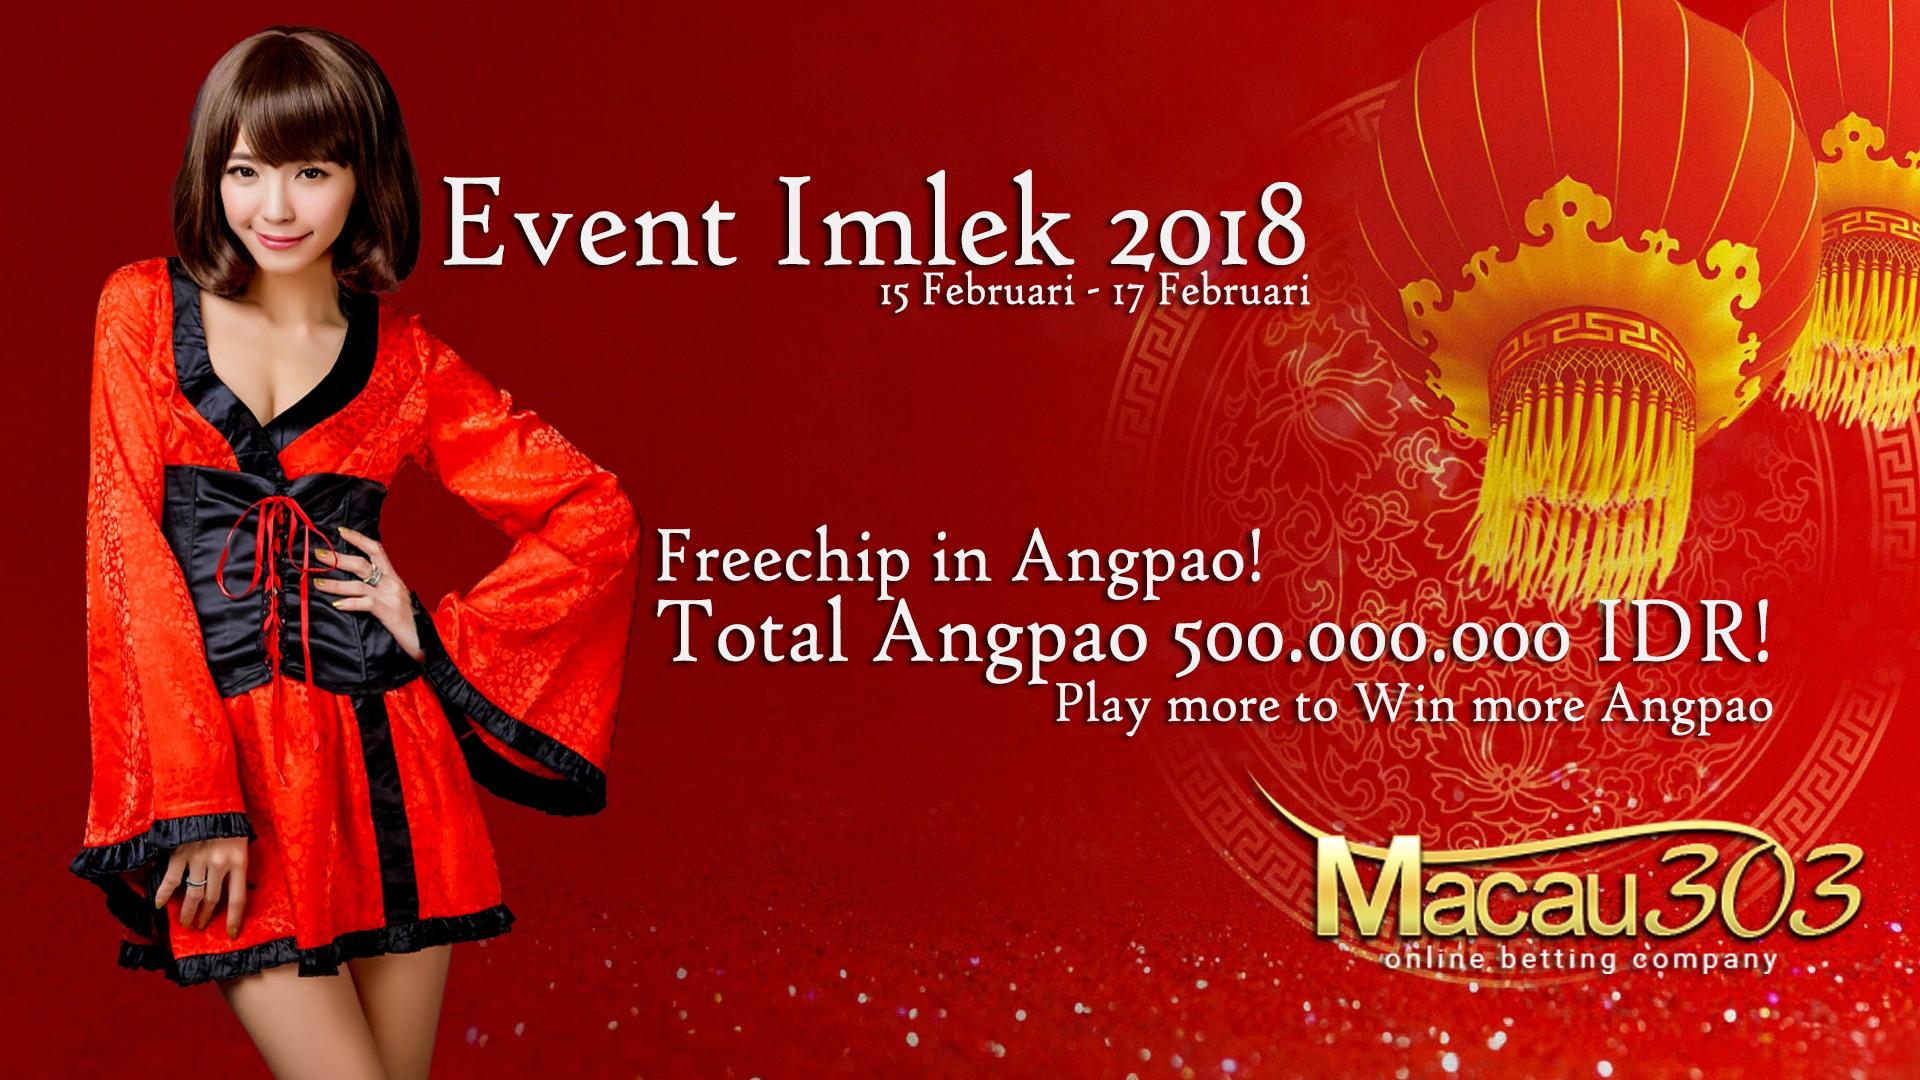 Event Imlek Angpao Freechip